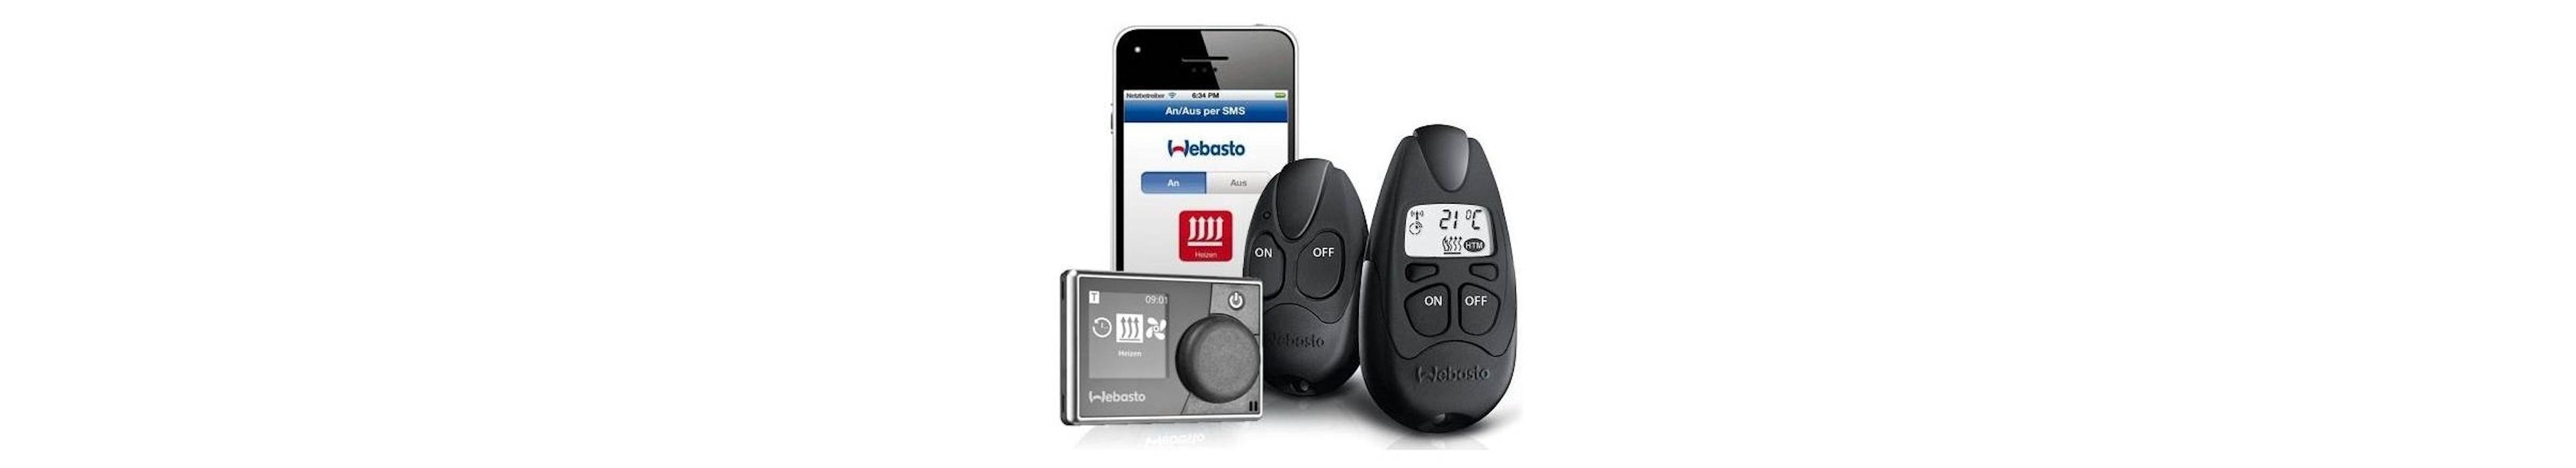 Webasto bediening standkacehl, klokje, afstandbediening of via app van uw telefoon